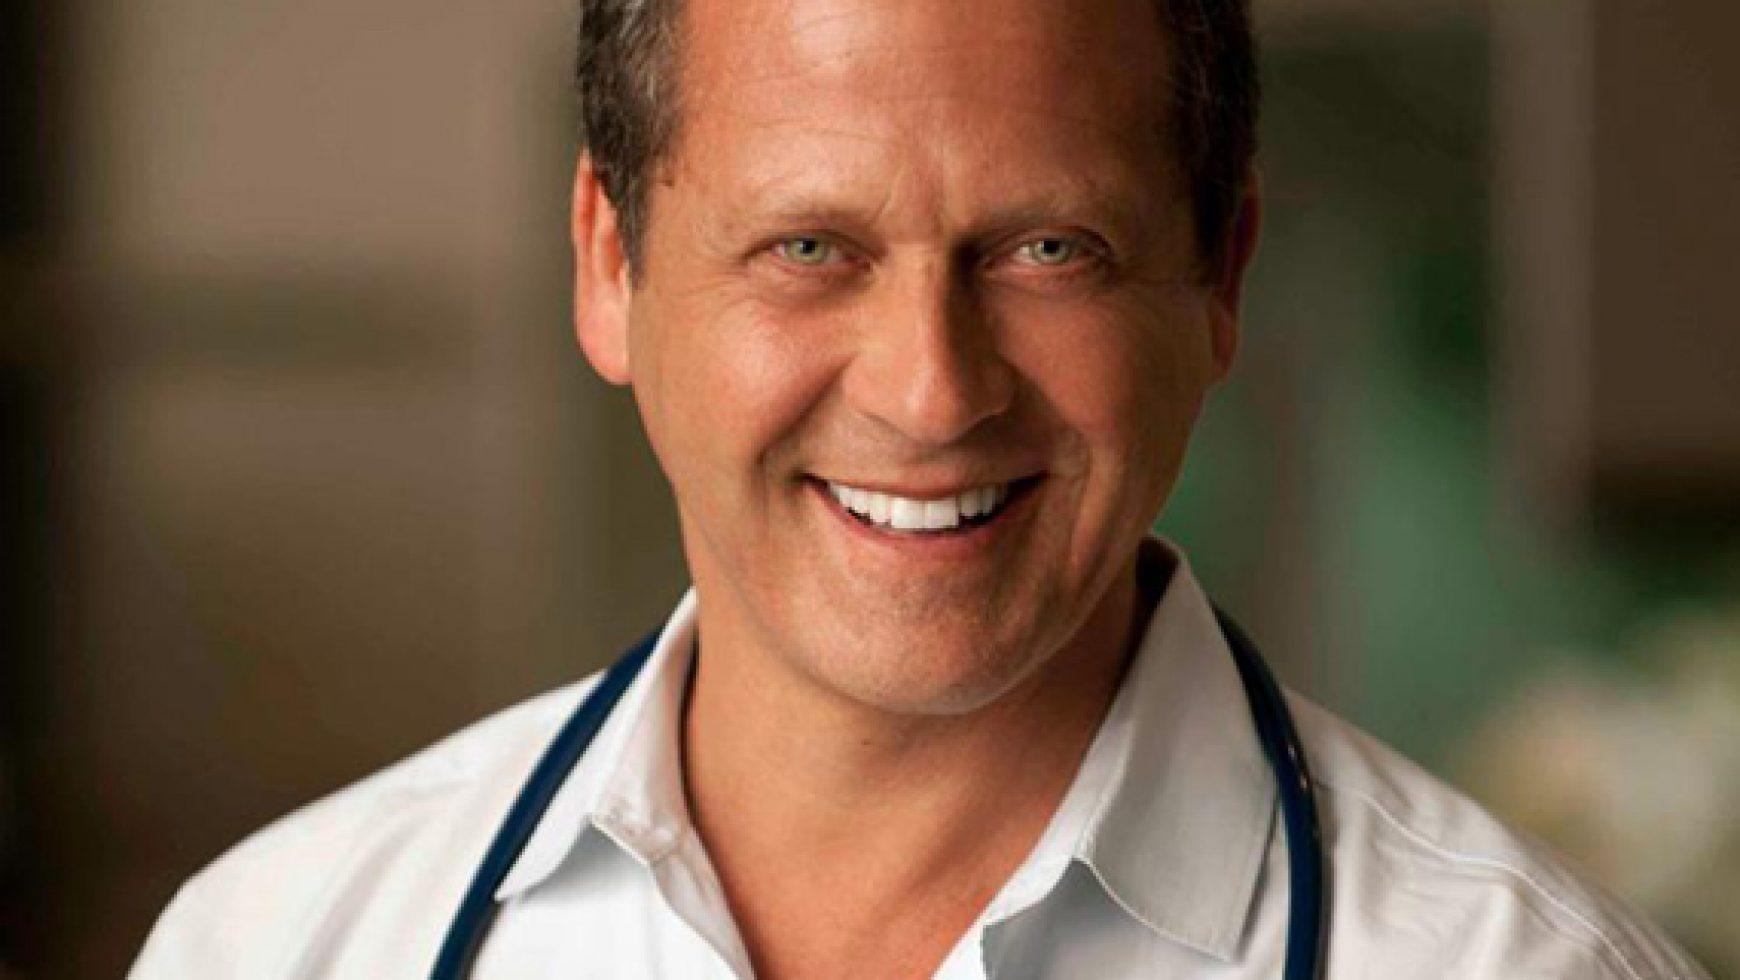 ORGANIC INDIA îi urează bun venit directorului medical, Dr. Alejandro Junger